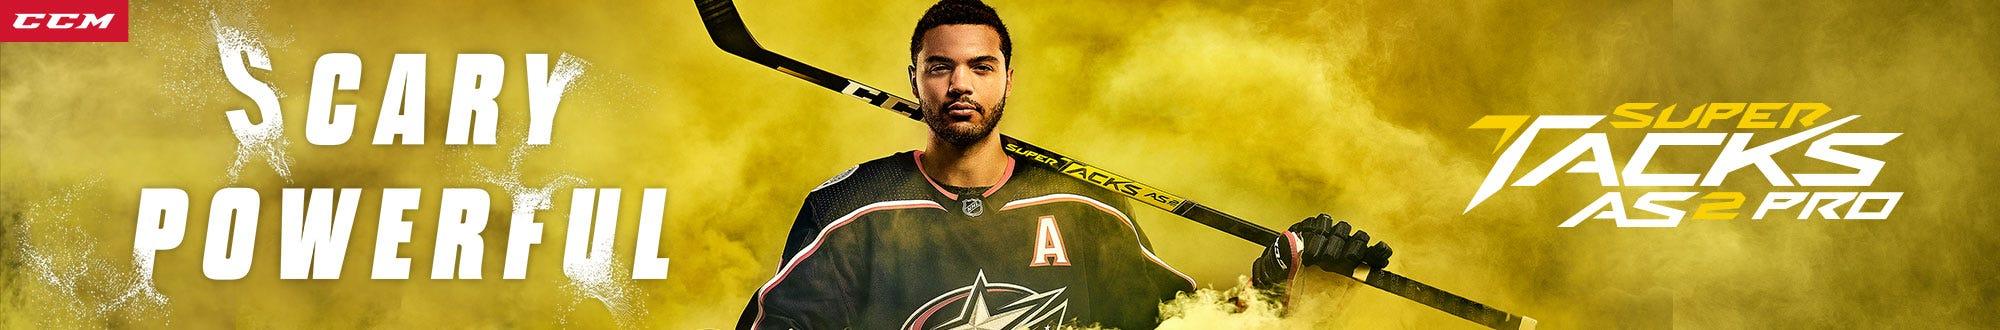 CCM Super Tacks AS2 Pro Hockey Sticks